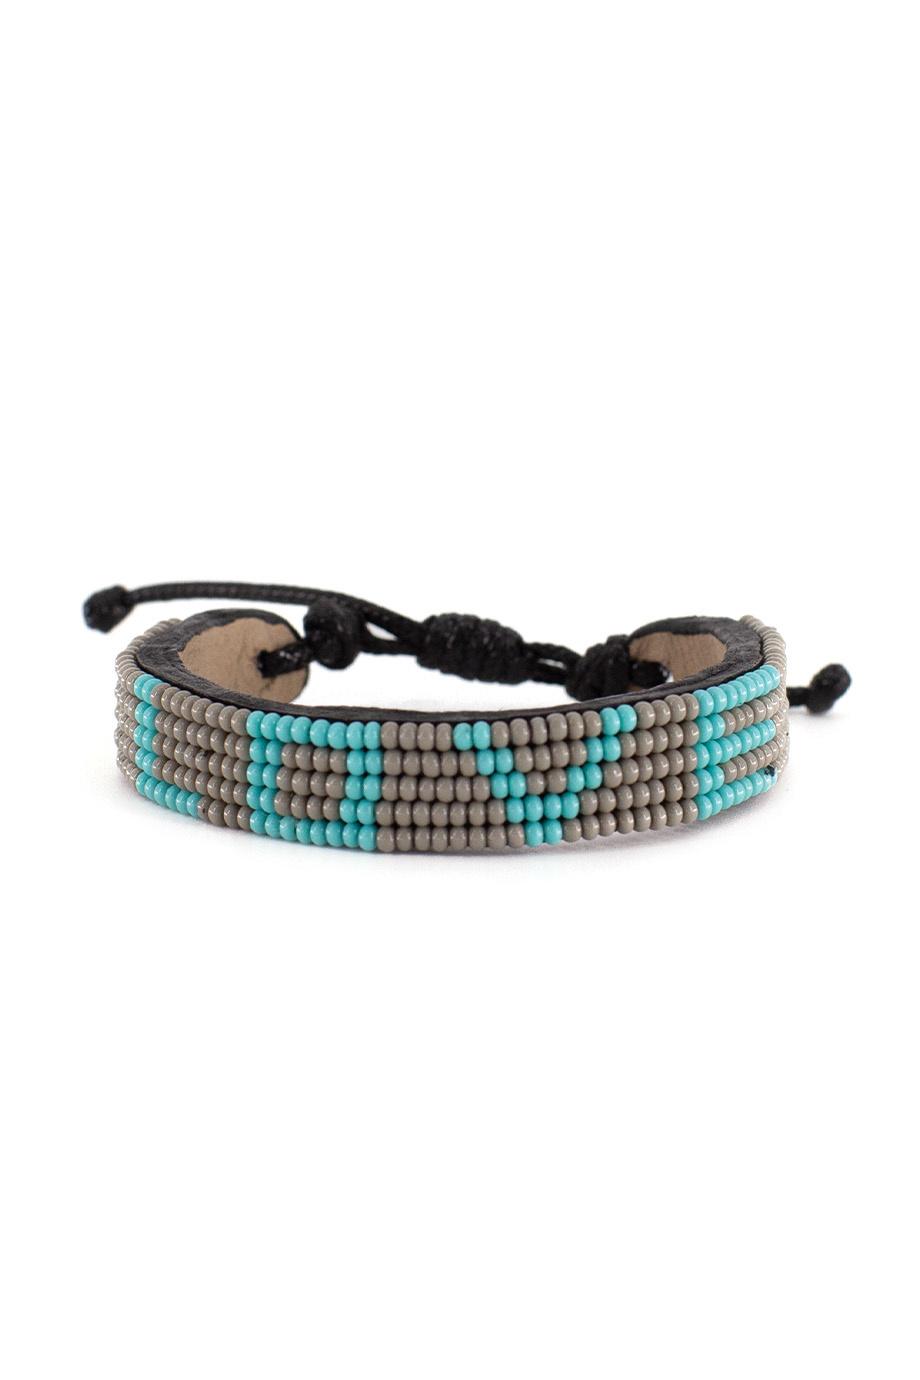 5 row LOVE Bracelet Grey/Turquoise-1